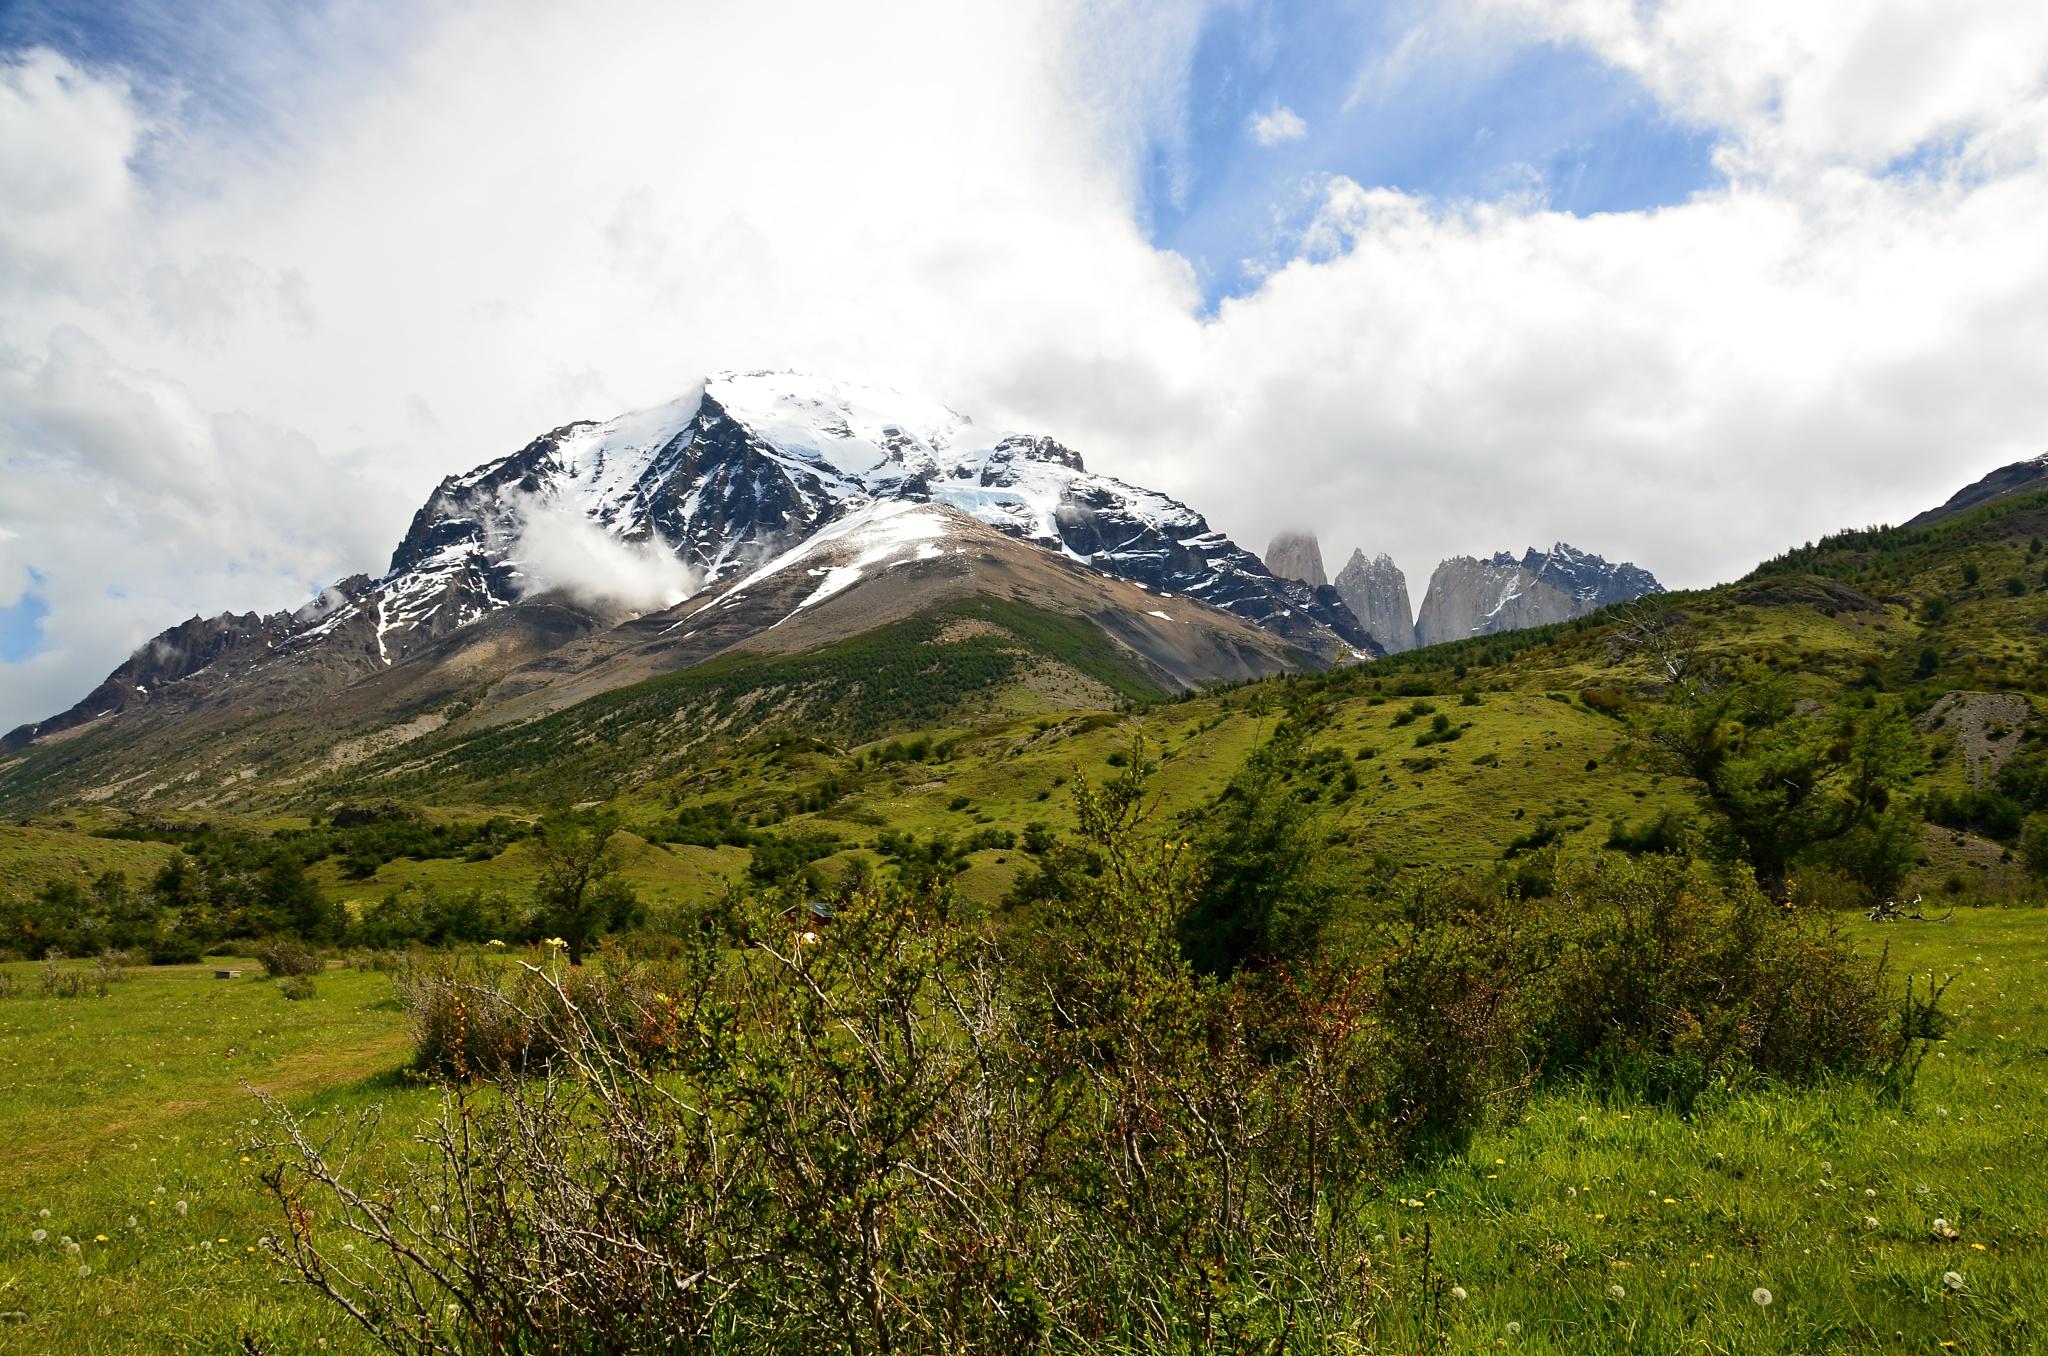 Úžasný pohled na horu Cerro Paine